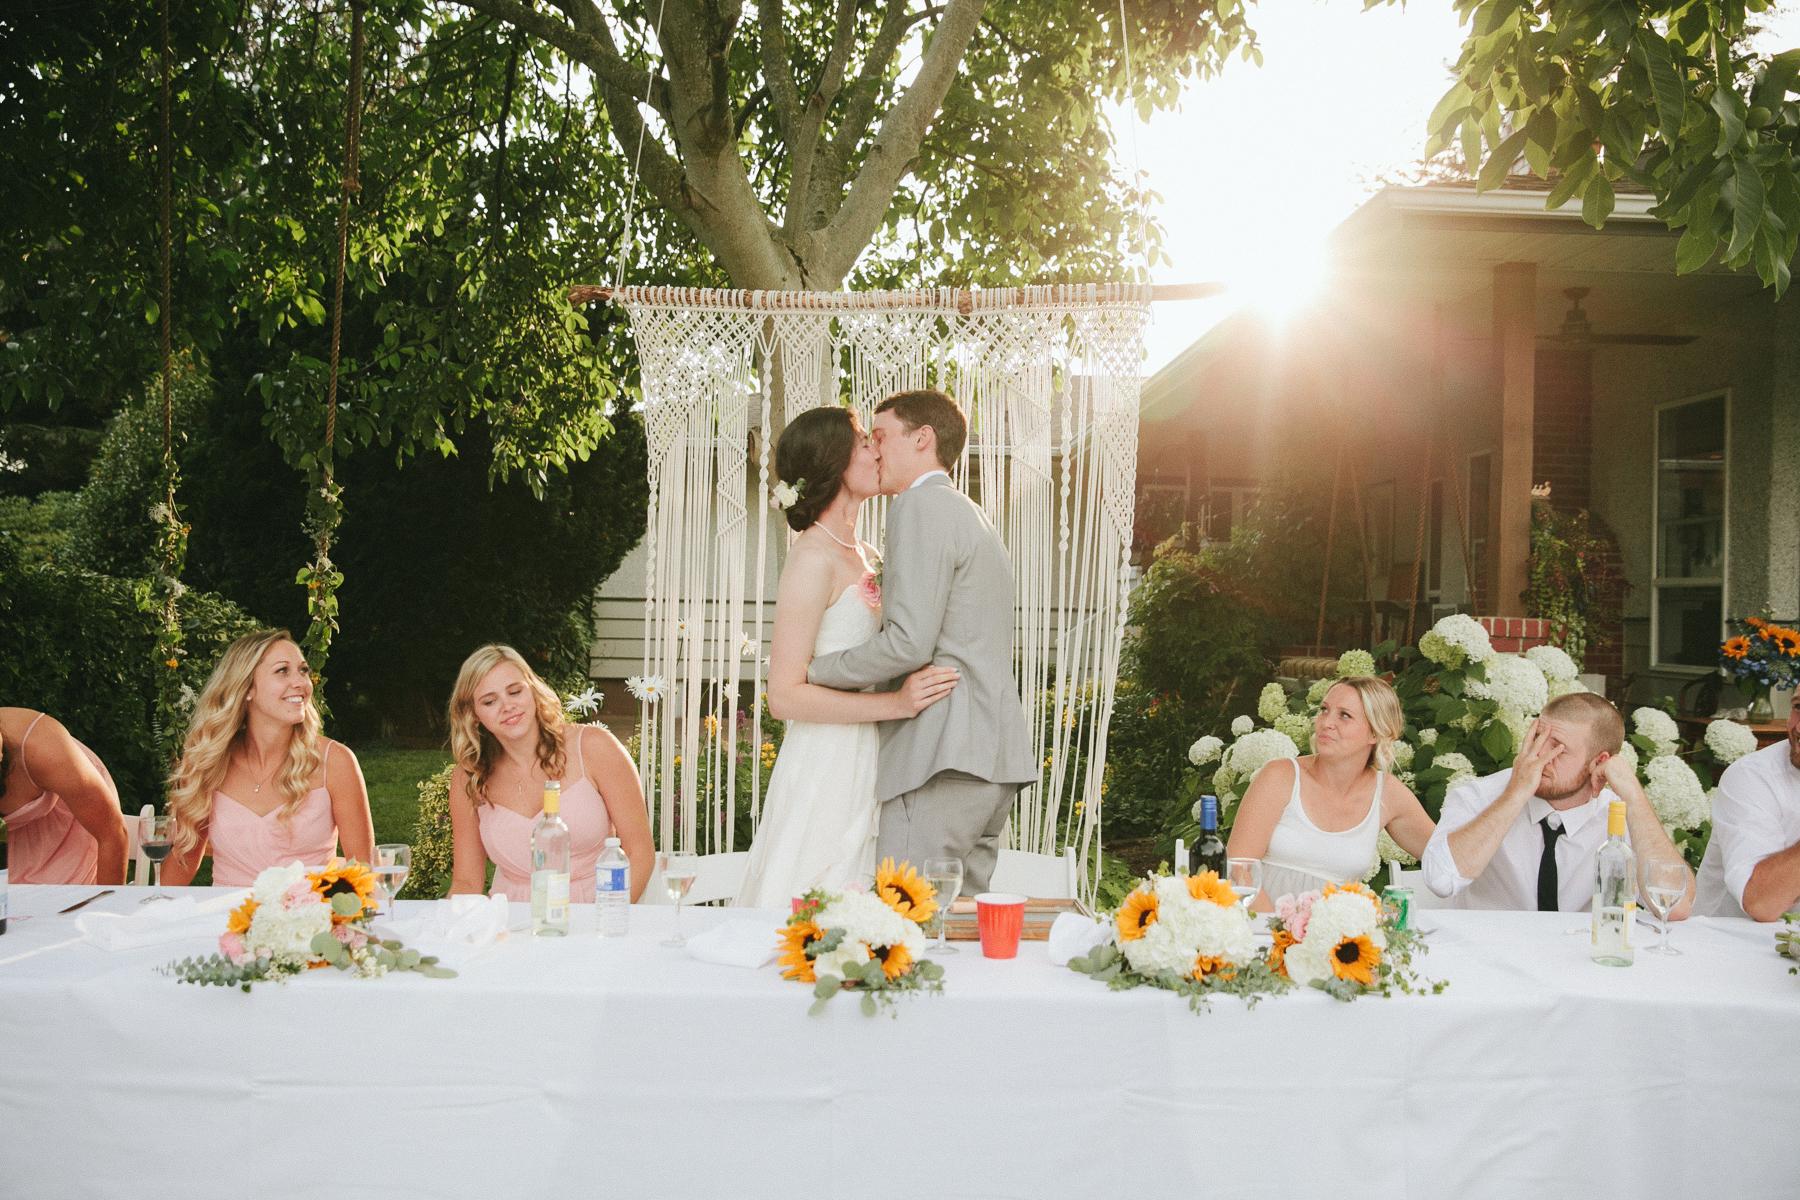 Vancouver-Rustic-Farm-Wedding-KB-163.jpg